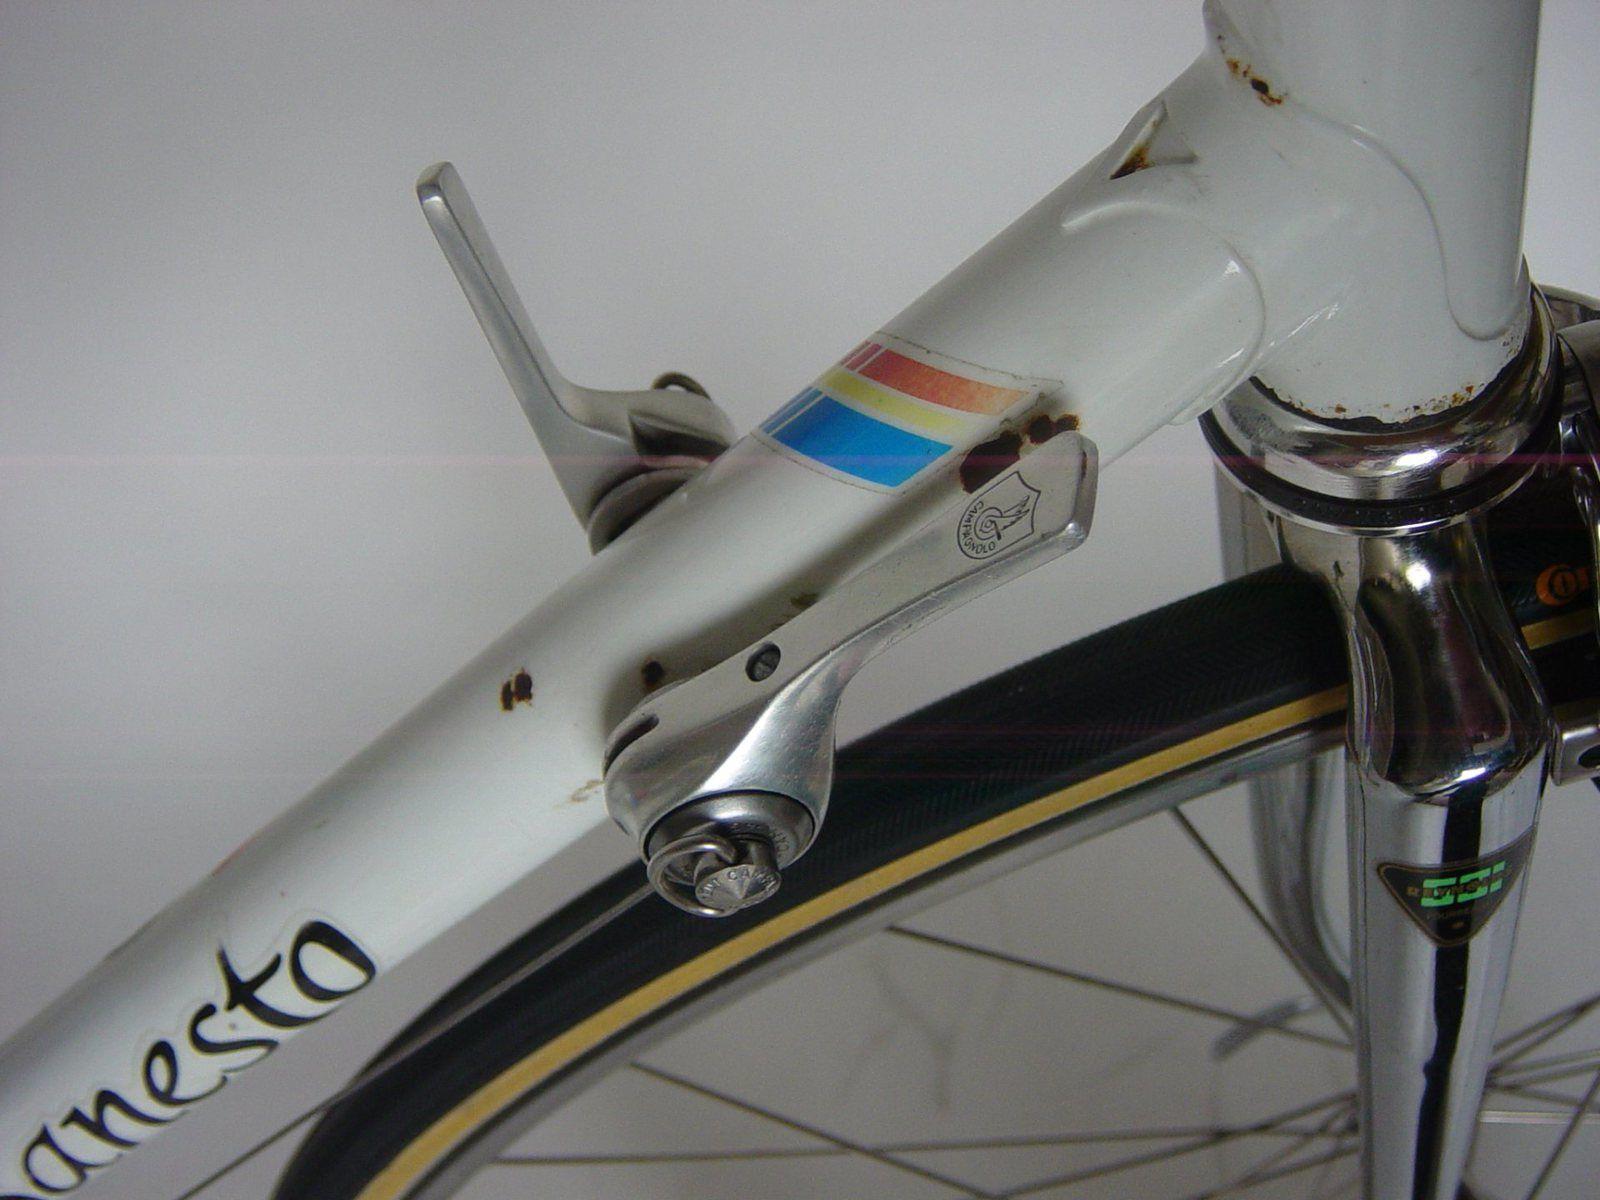 Vélo RAZESA - BANESTO 1991